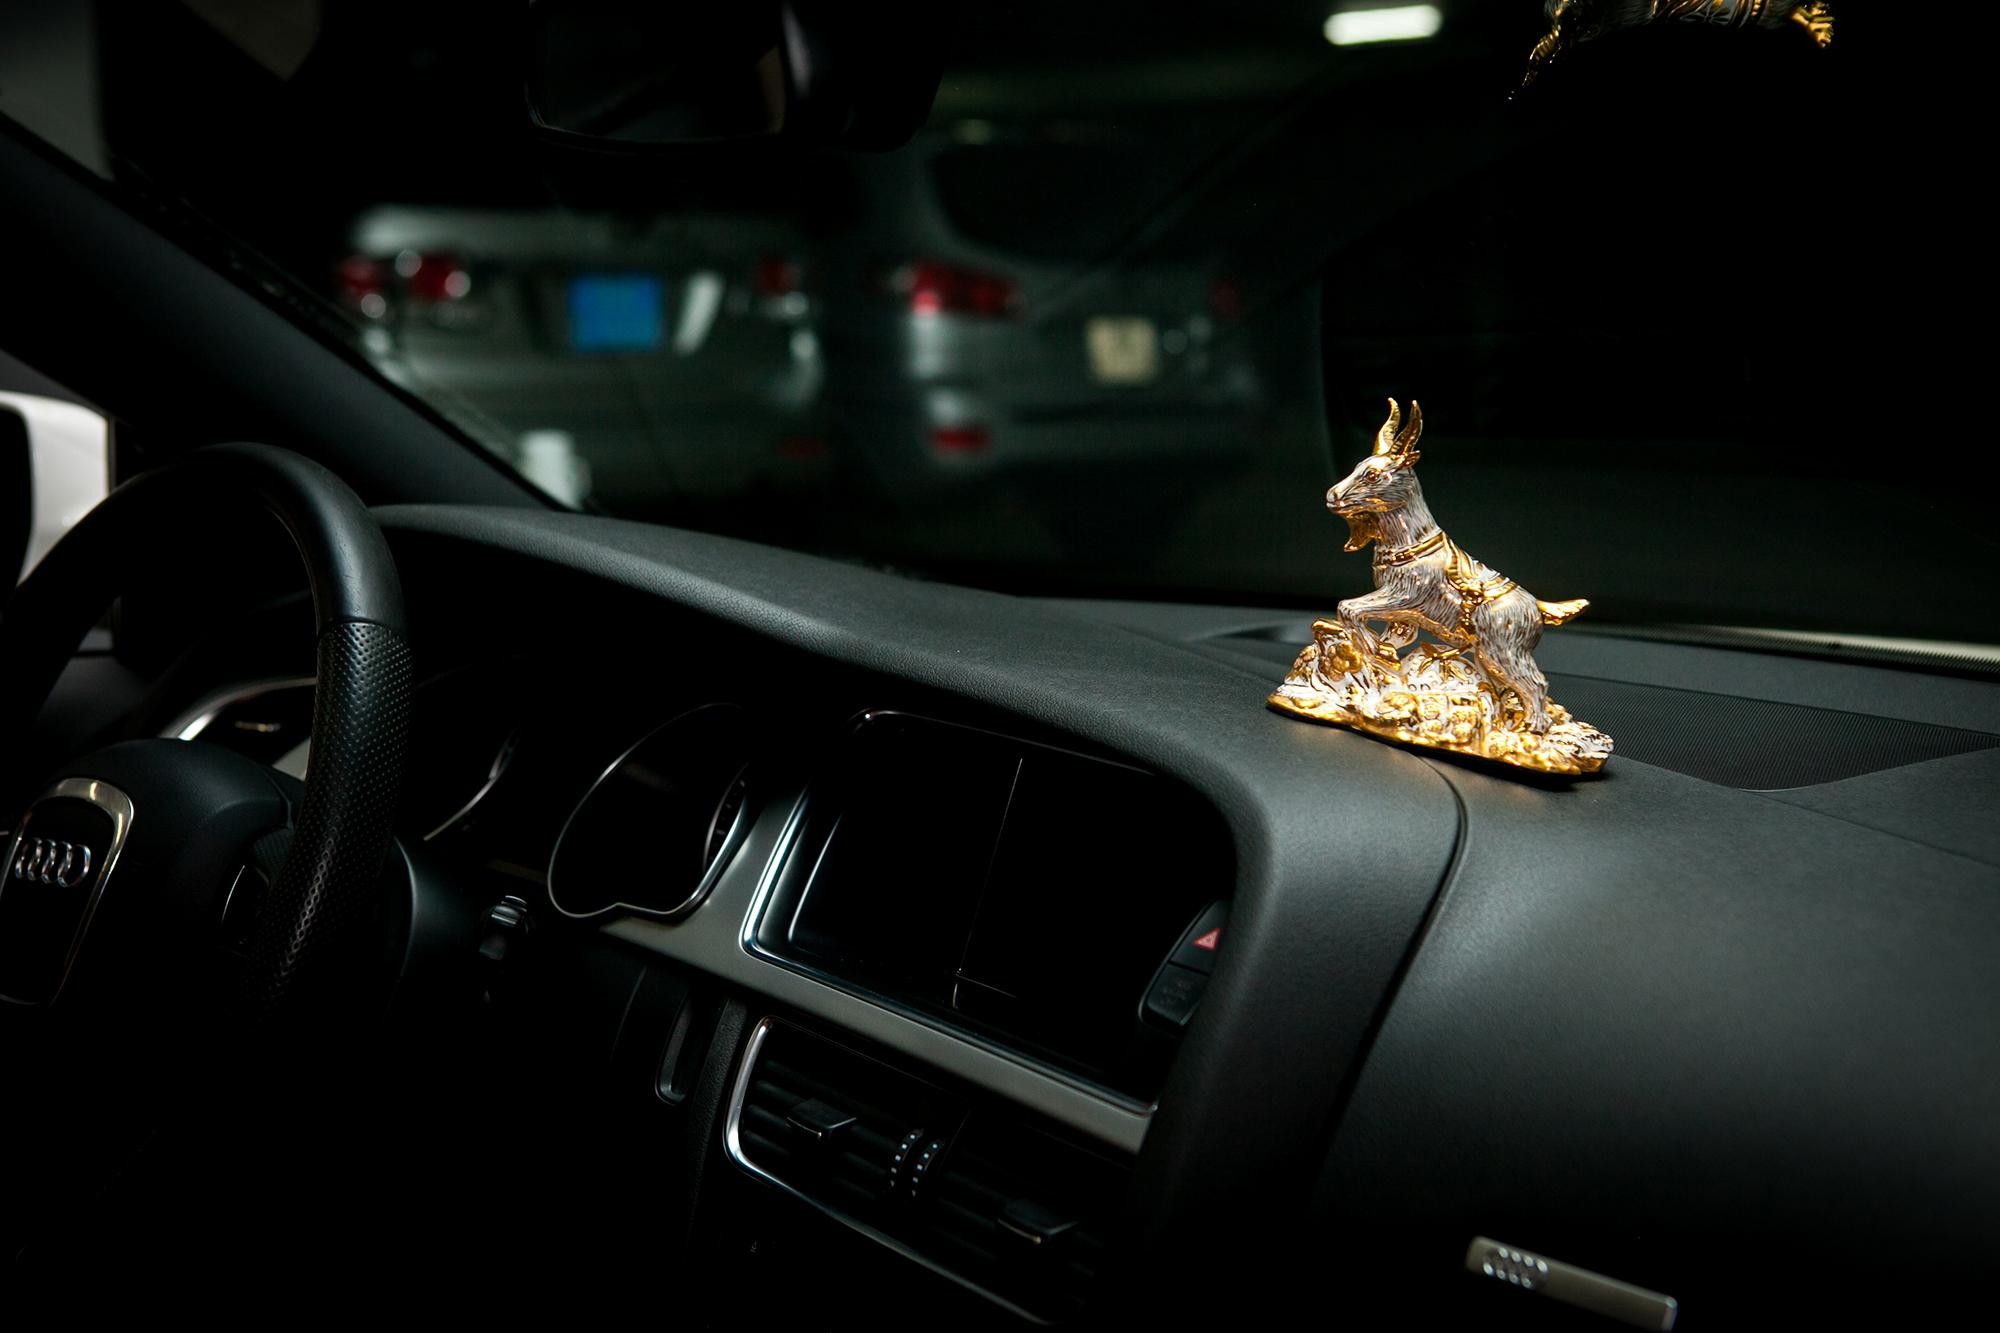 Hình ảnh Quý linh xe hơi – 12 con giáp: Bình an & may mắn số 8